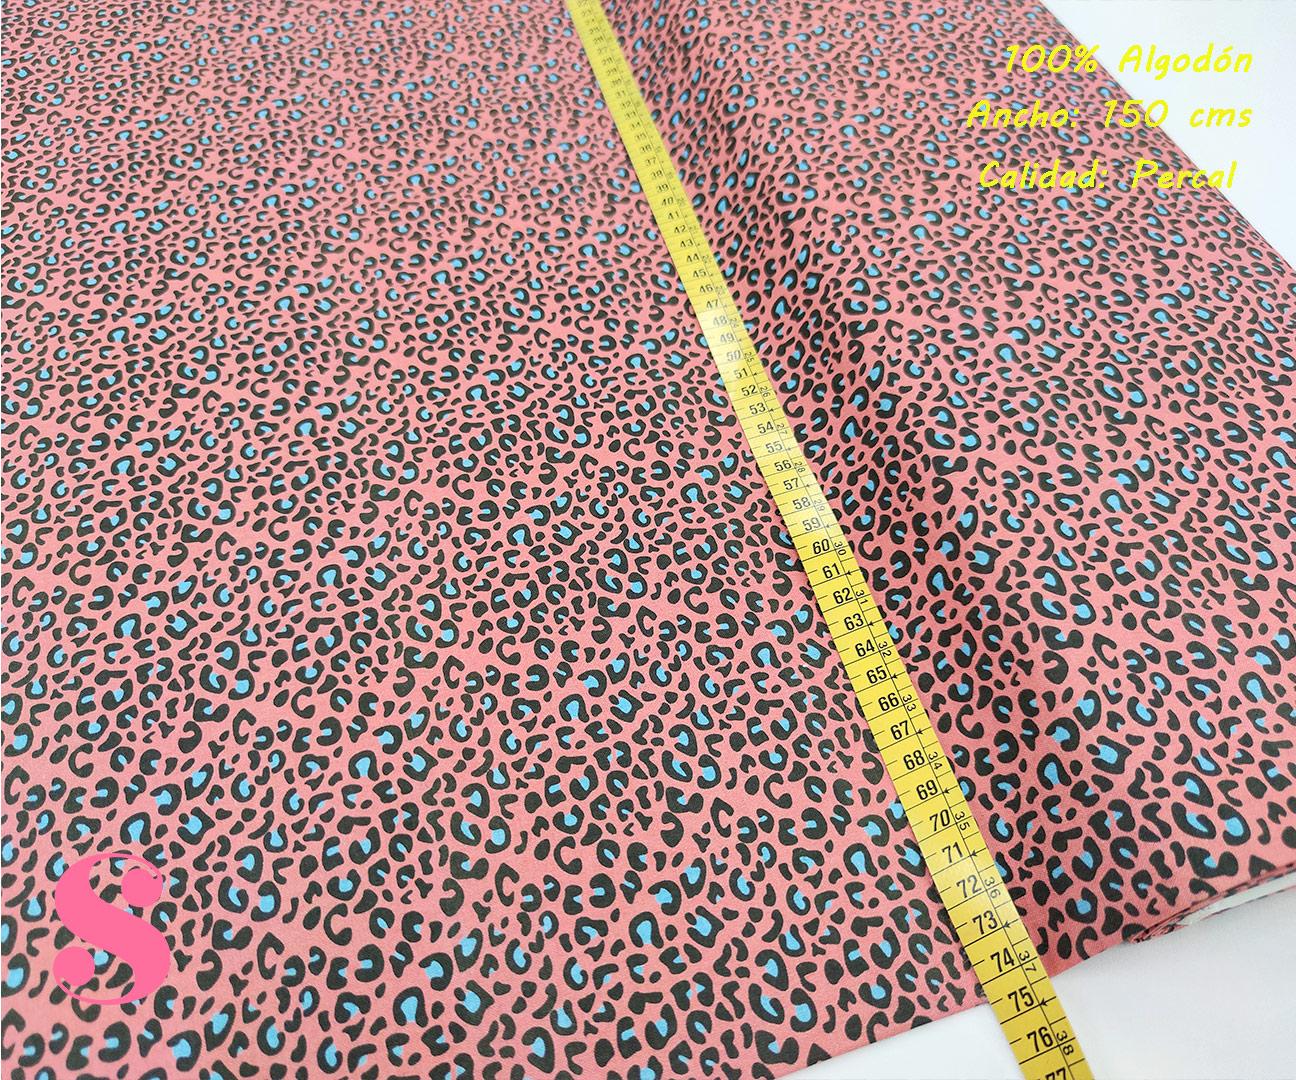 626-manchas-azul-animal-print-leopardo-tejidos-algodón-estampado-percal,Tejido Estampado Animal Print Rosa Mancha Azul,Leopardo multicolor